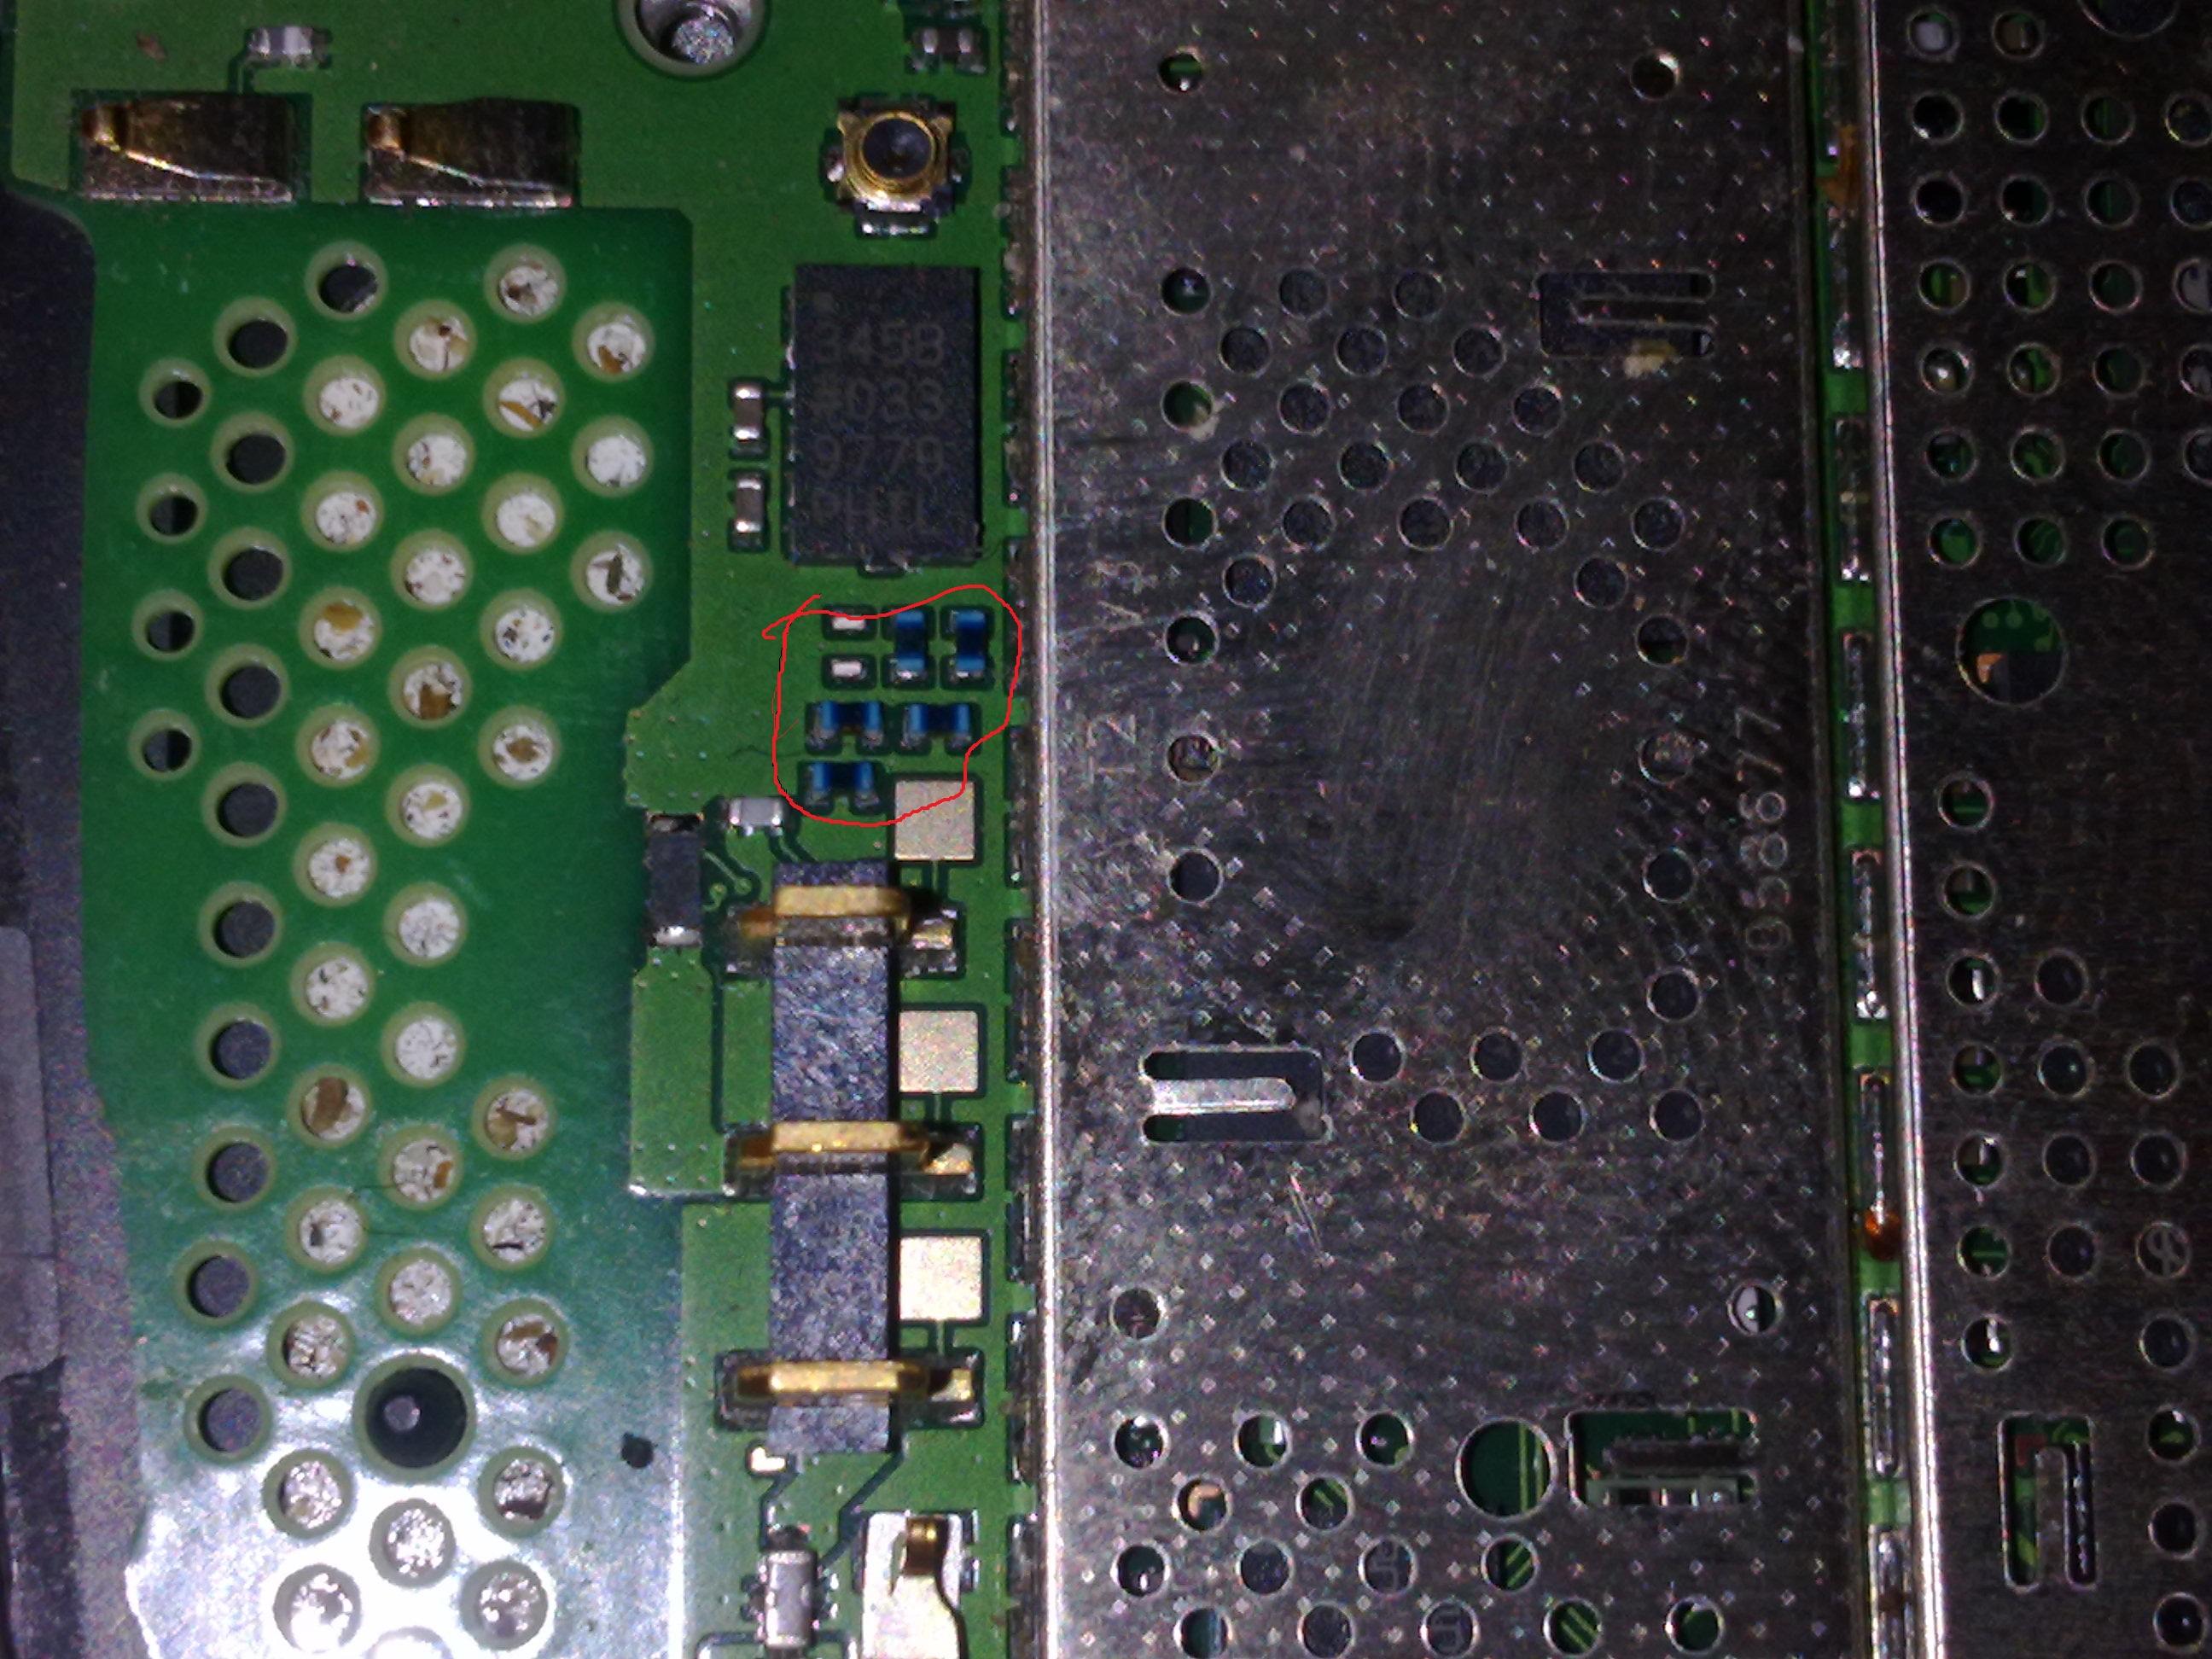 Nokia c6, co to za elementy? Mo�na je pomin��?